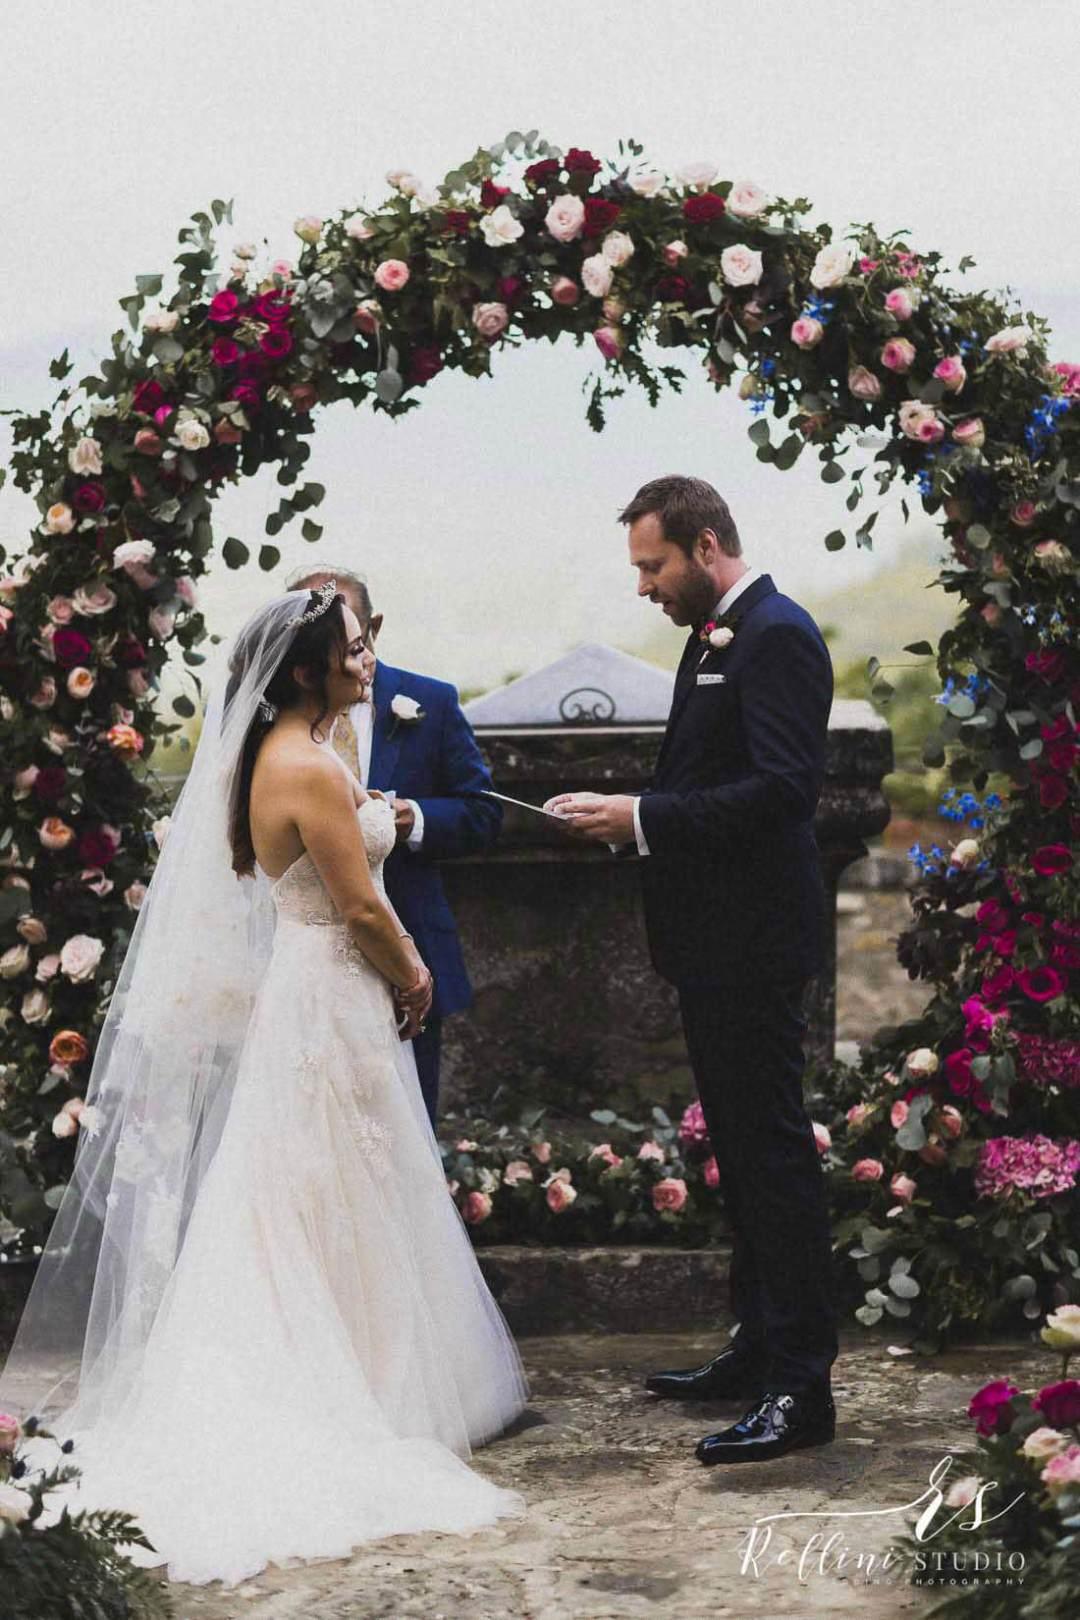 Sahar & Christian wedding in Italy